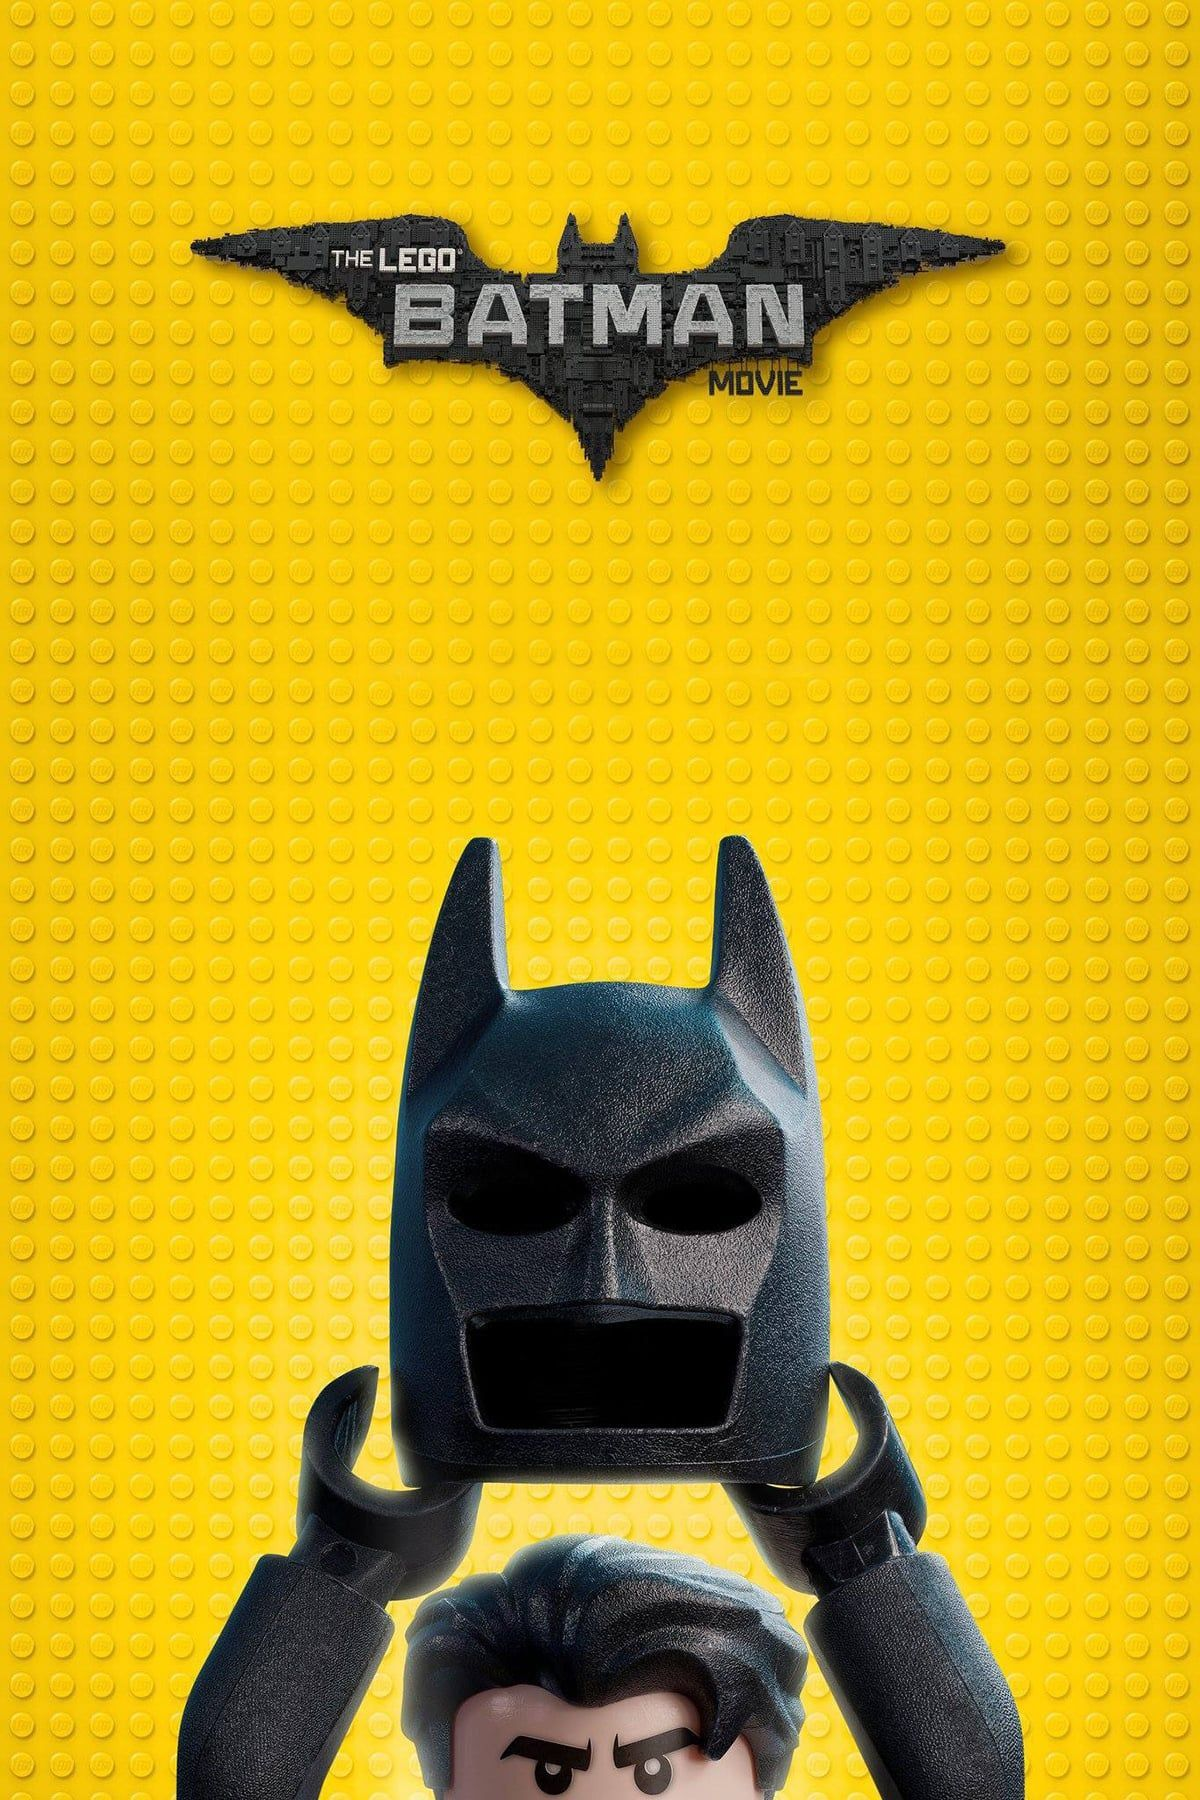 Ver The Lego Batman Movie Pelicula Completa En Espanol Lego Batman Movie Lego Batman Batman Movie